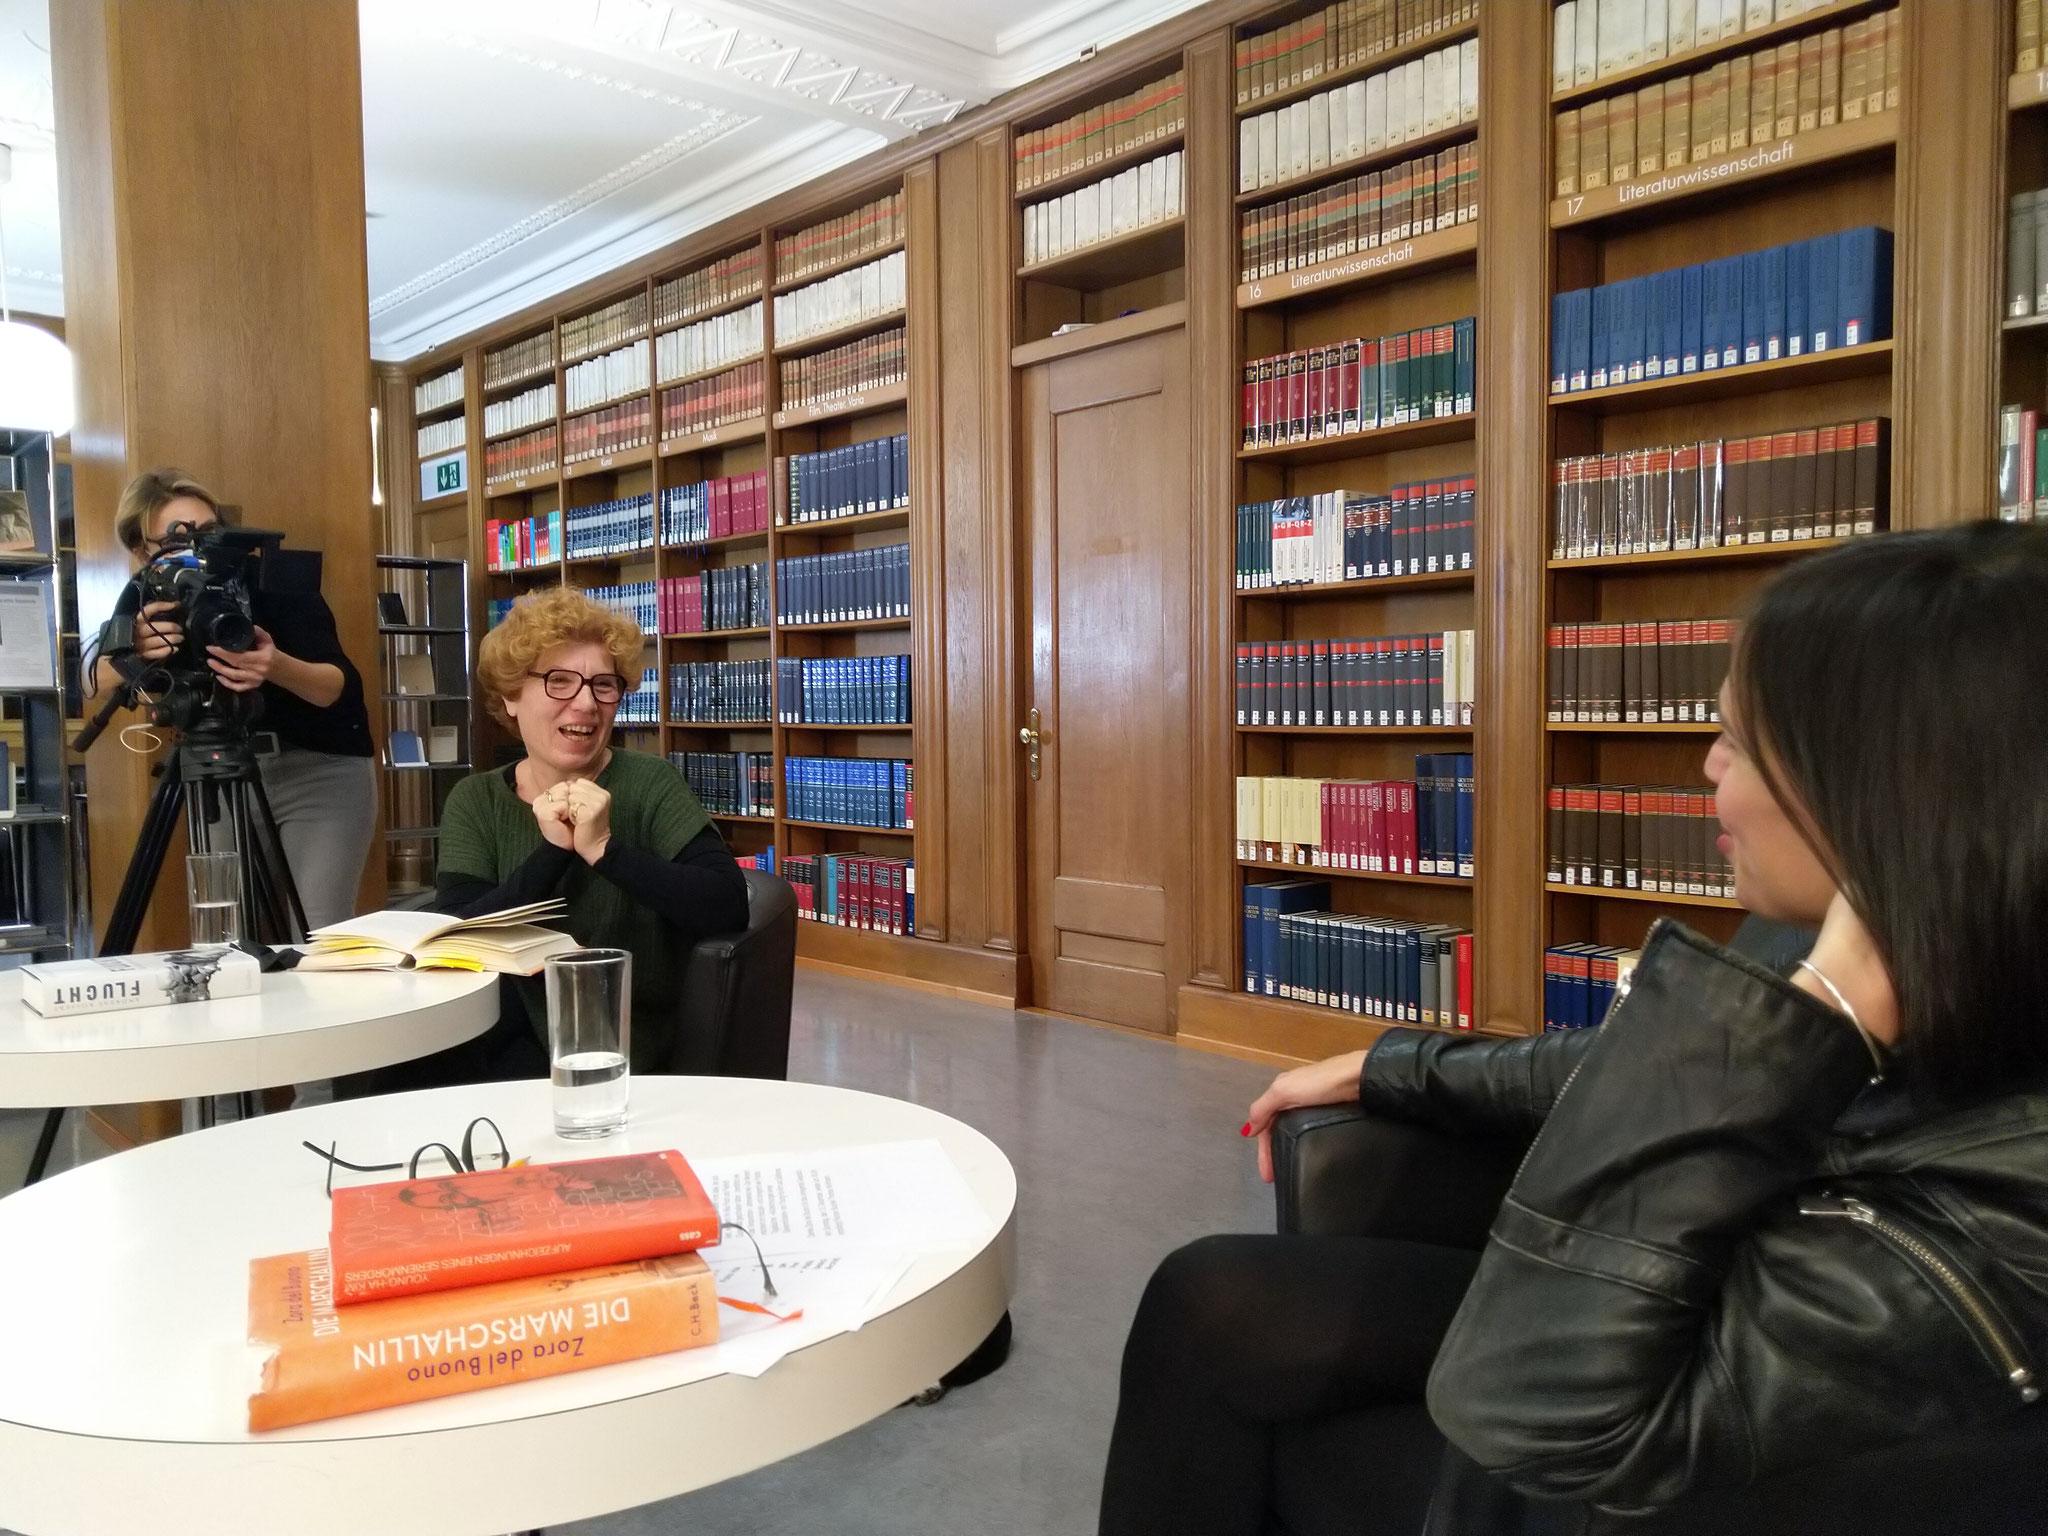 TV-Literatursendung mit Zora del Buono im Rahmen der Schaffhauser Buchwoche